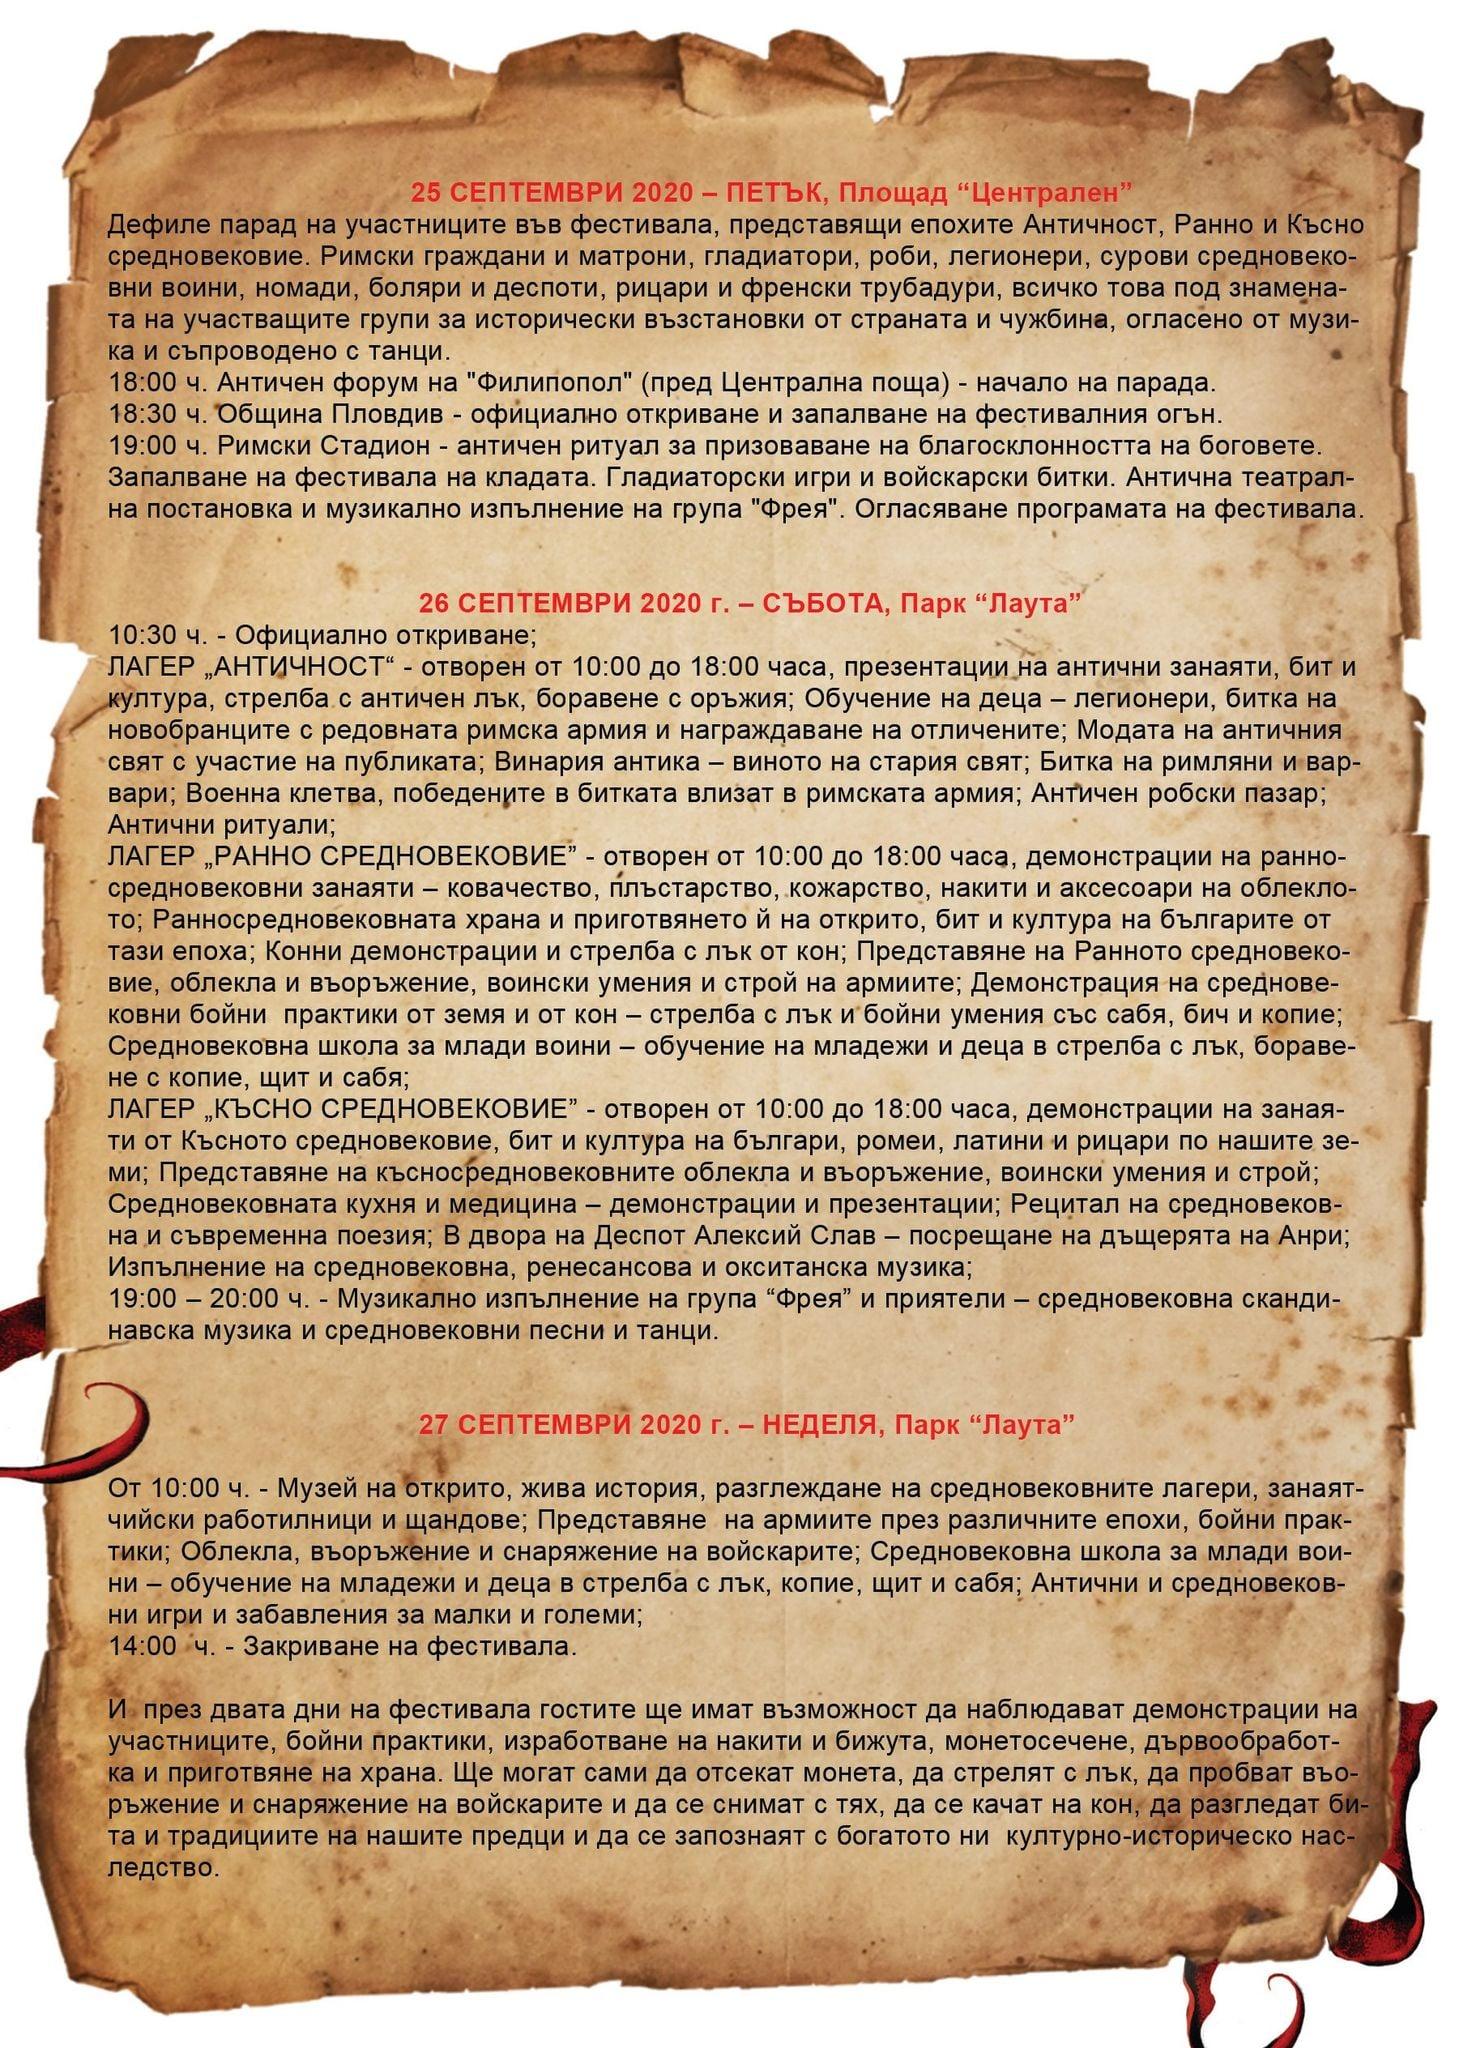 Програма фестивал Пловдив - древен и вечен